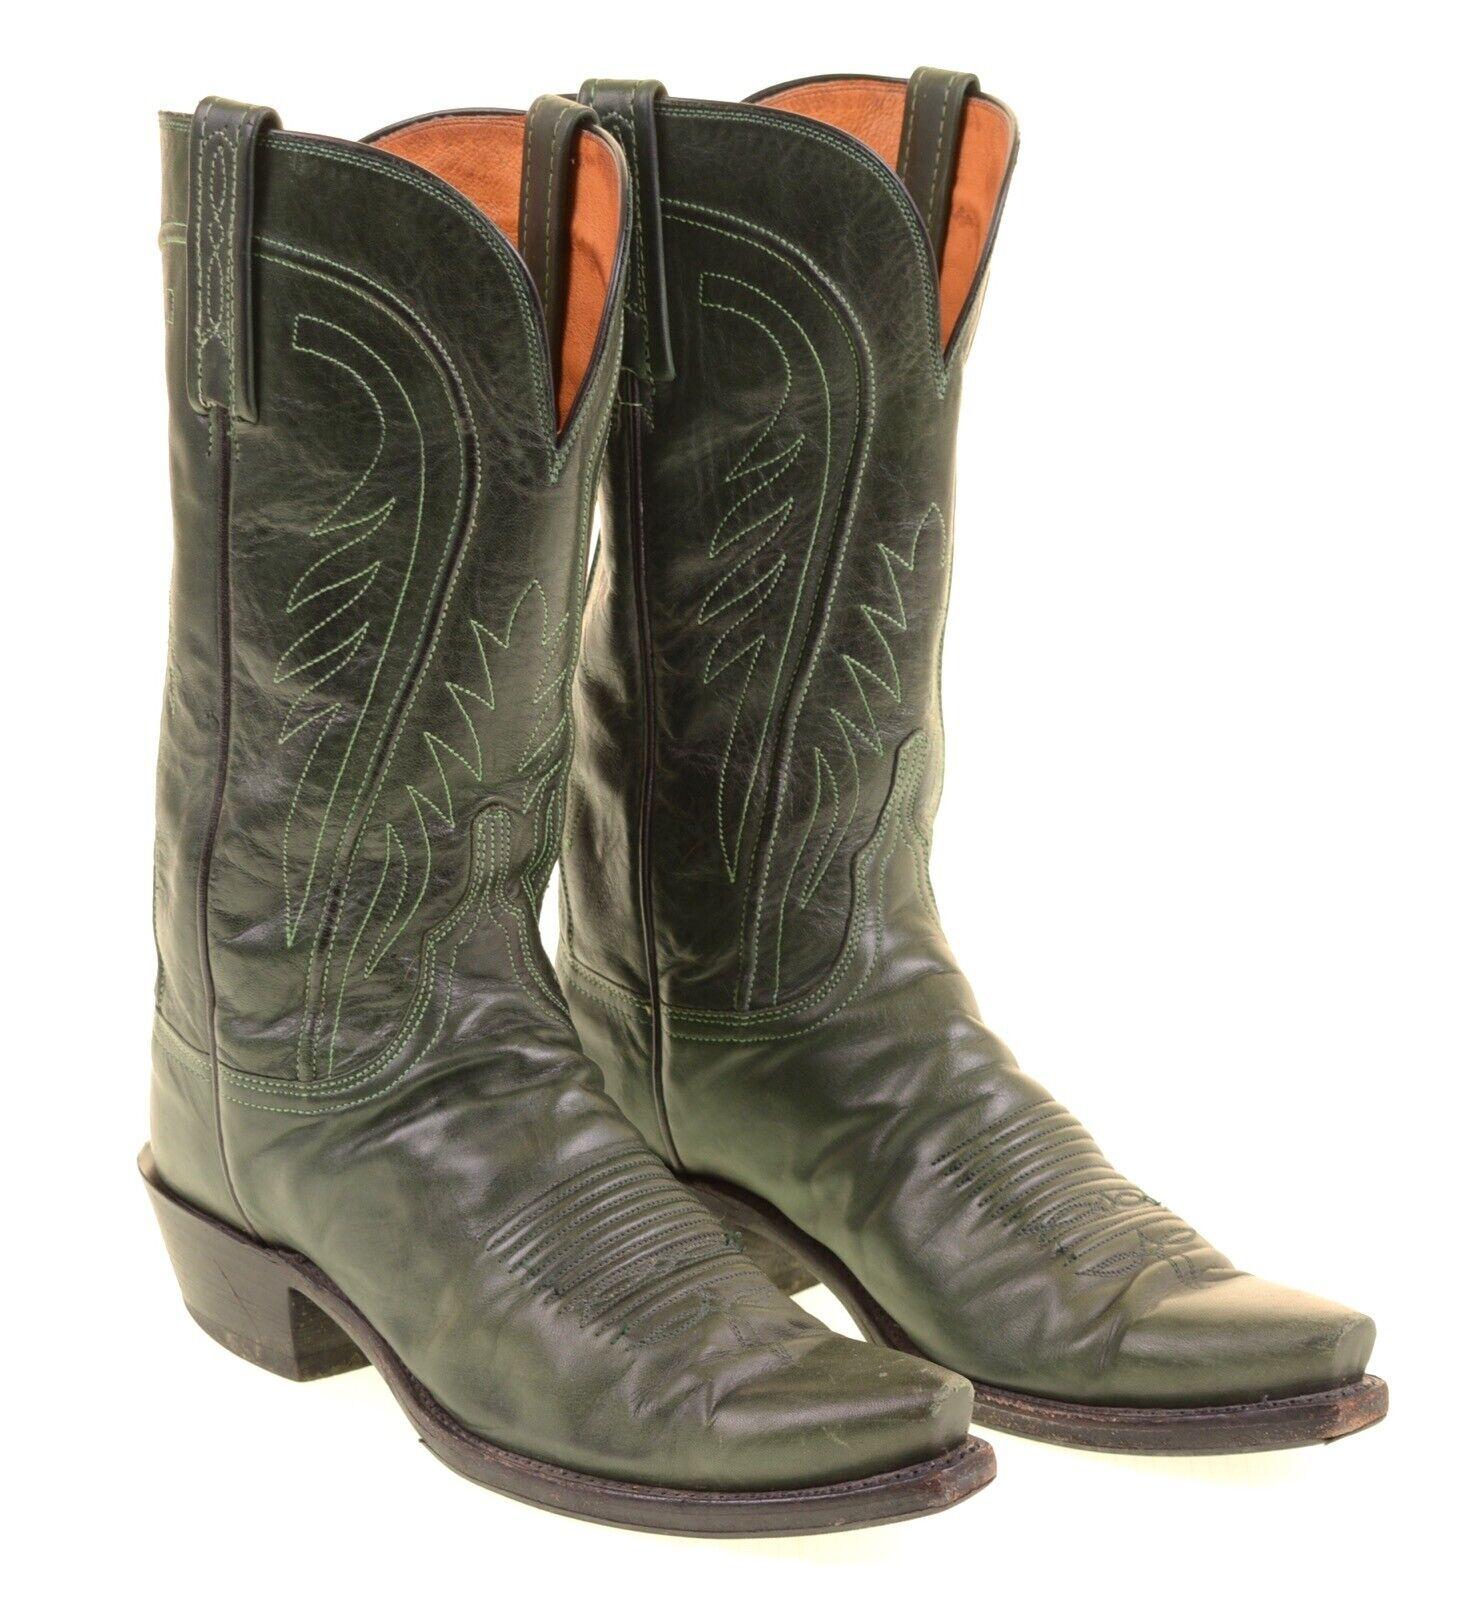 Lucchese 1883 Hergestellt in USA Grün Leder Western Cowboy Stiefel 8.5 B